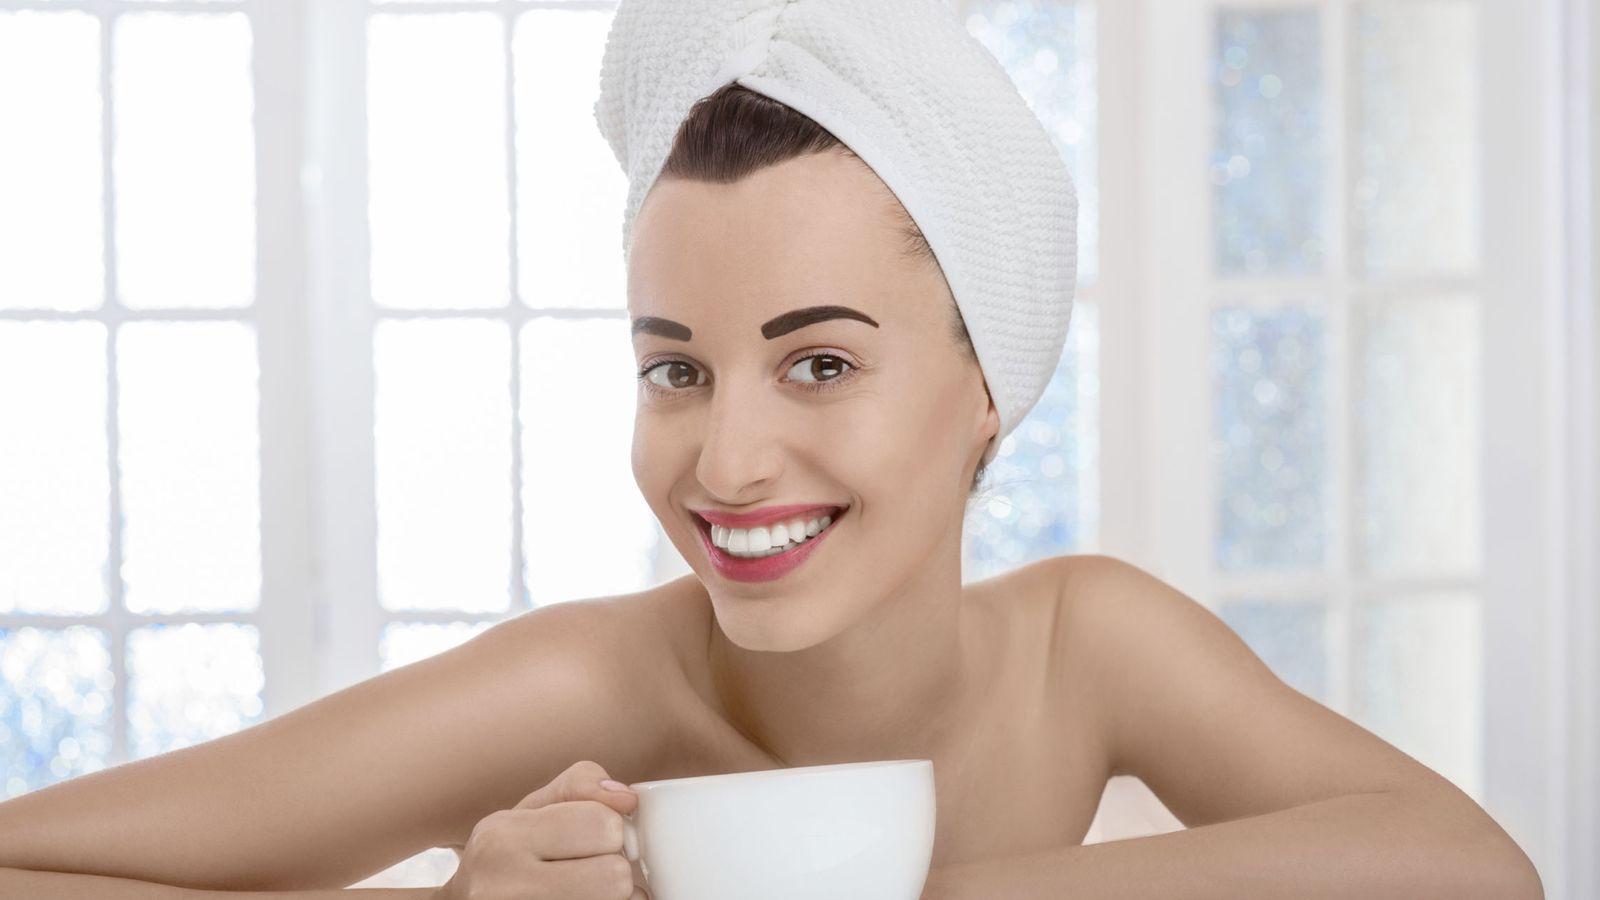 Foto: Anda, qué feliz se levanta por las mañanas la tía. Claro, como conoce las recetas para mantenerse en buena forma... (iStock)